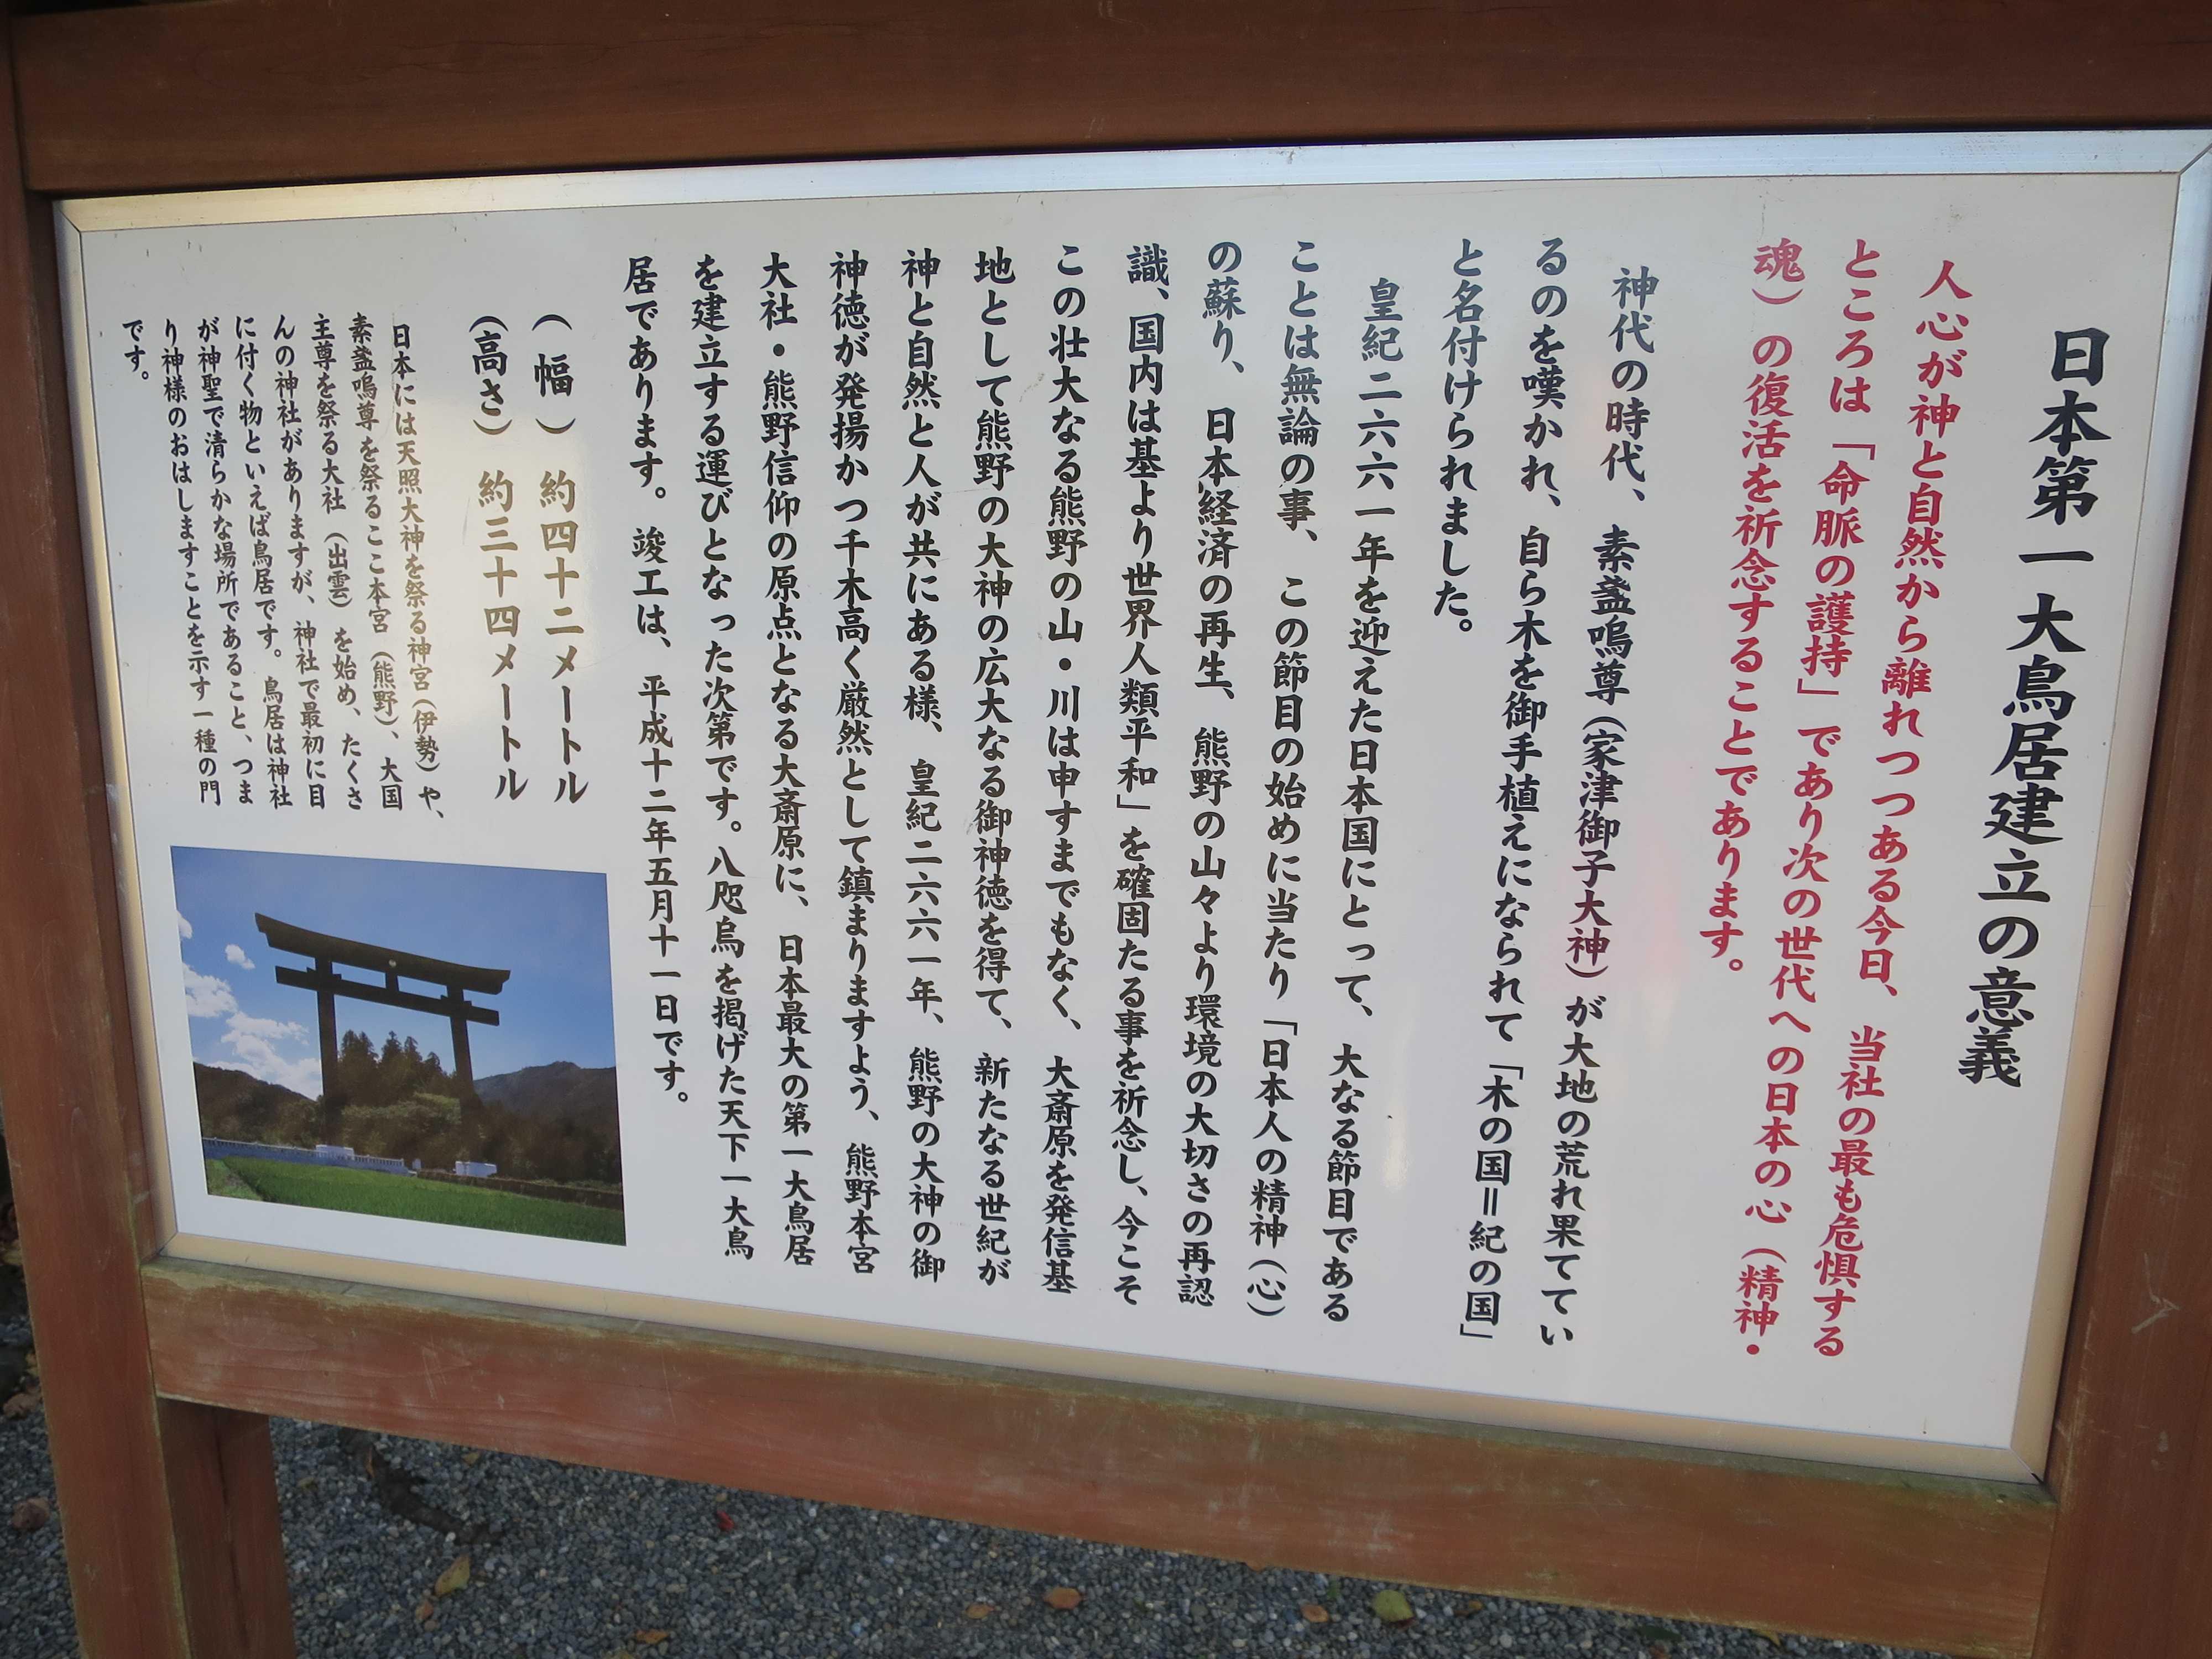 日本第一大鳥居建立の意義